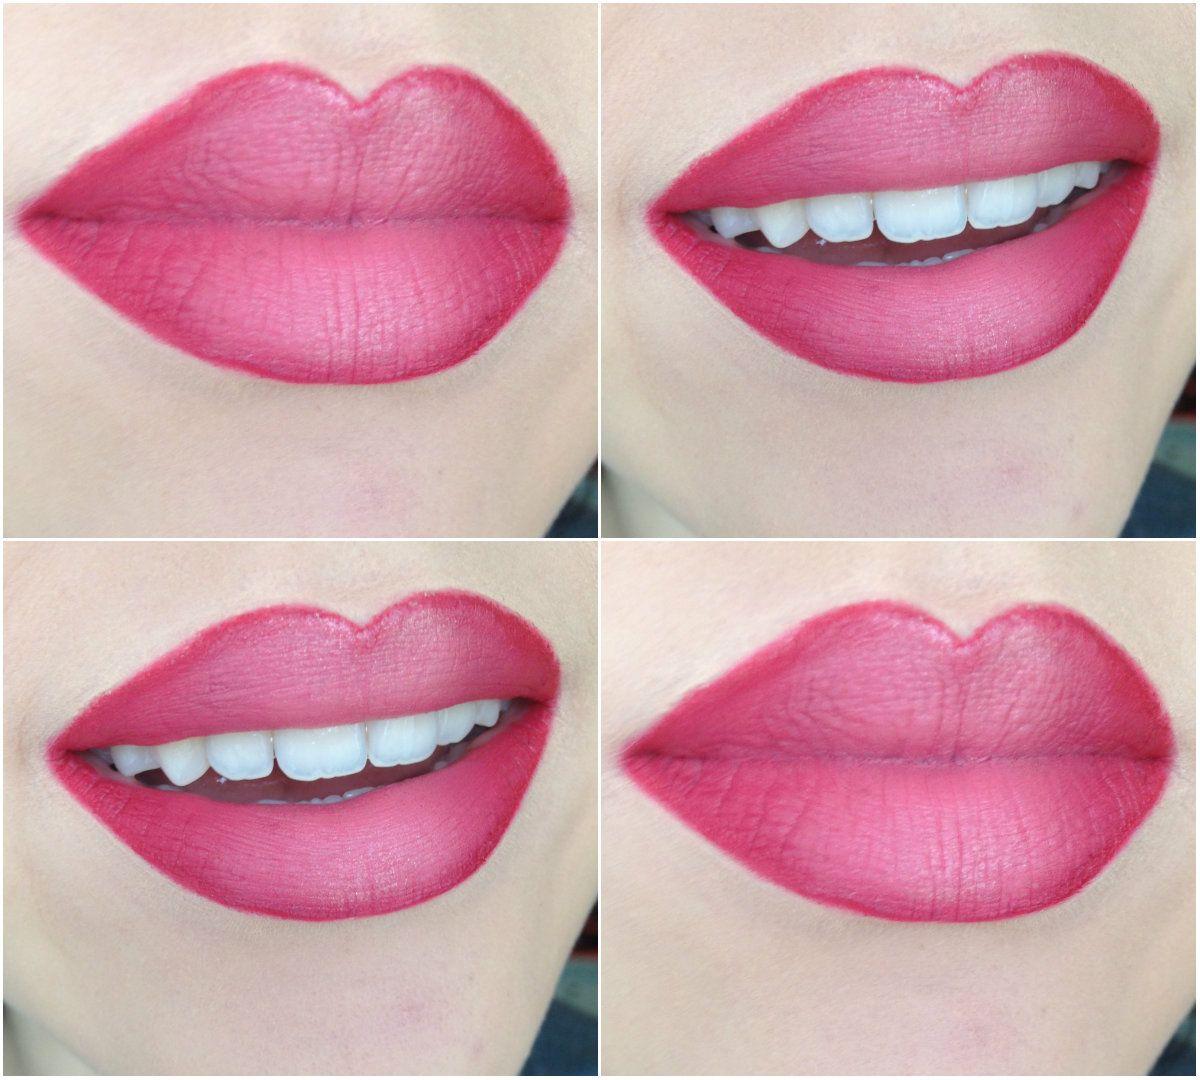 Rouge à Lèvres - Tutorial Ombré Lips